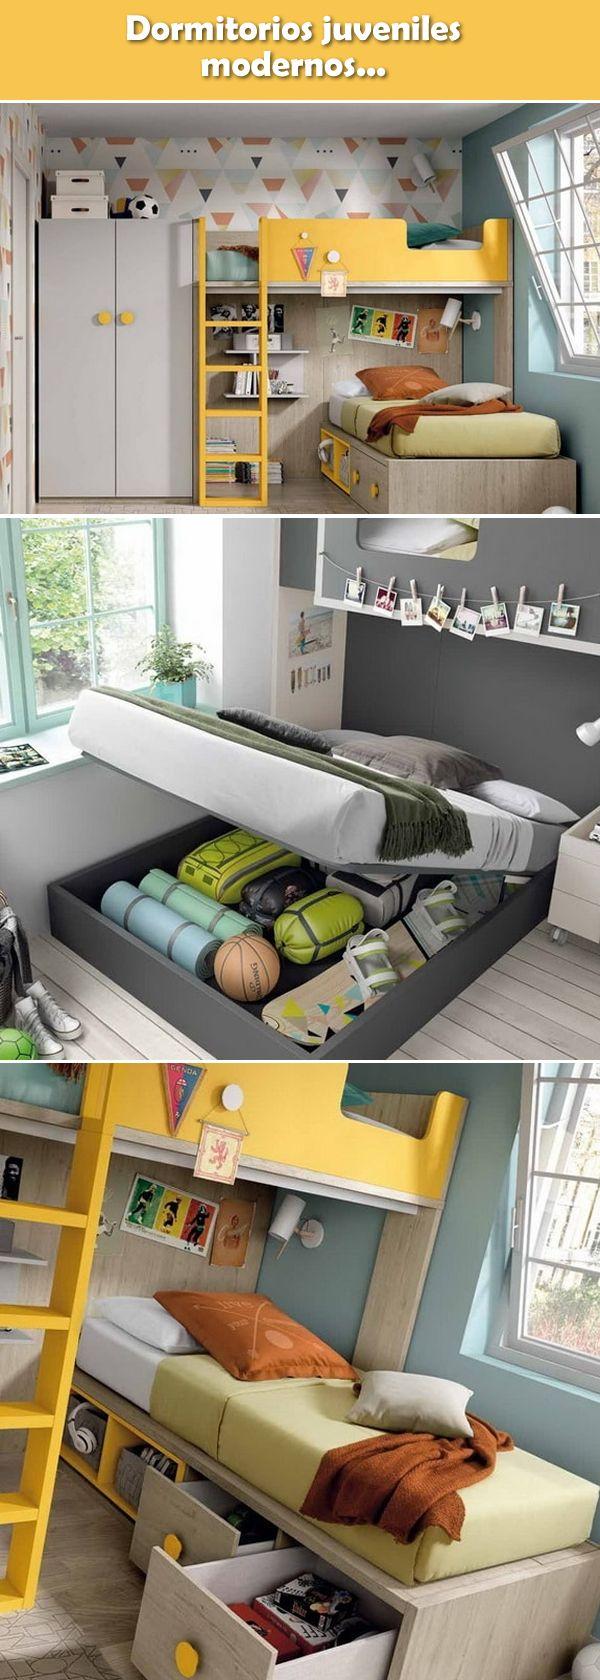 Dormitorios juveniles modernos. Ideas para habitaciones juveniles. Muebles para dormitorios infantiles. #decoracionjuvenil #decoracioninfantil